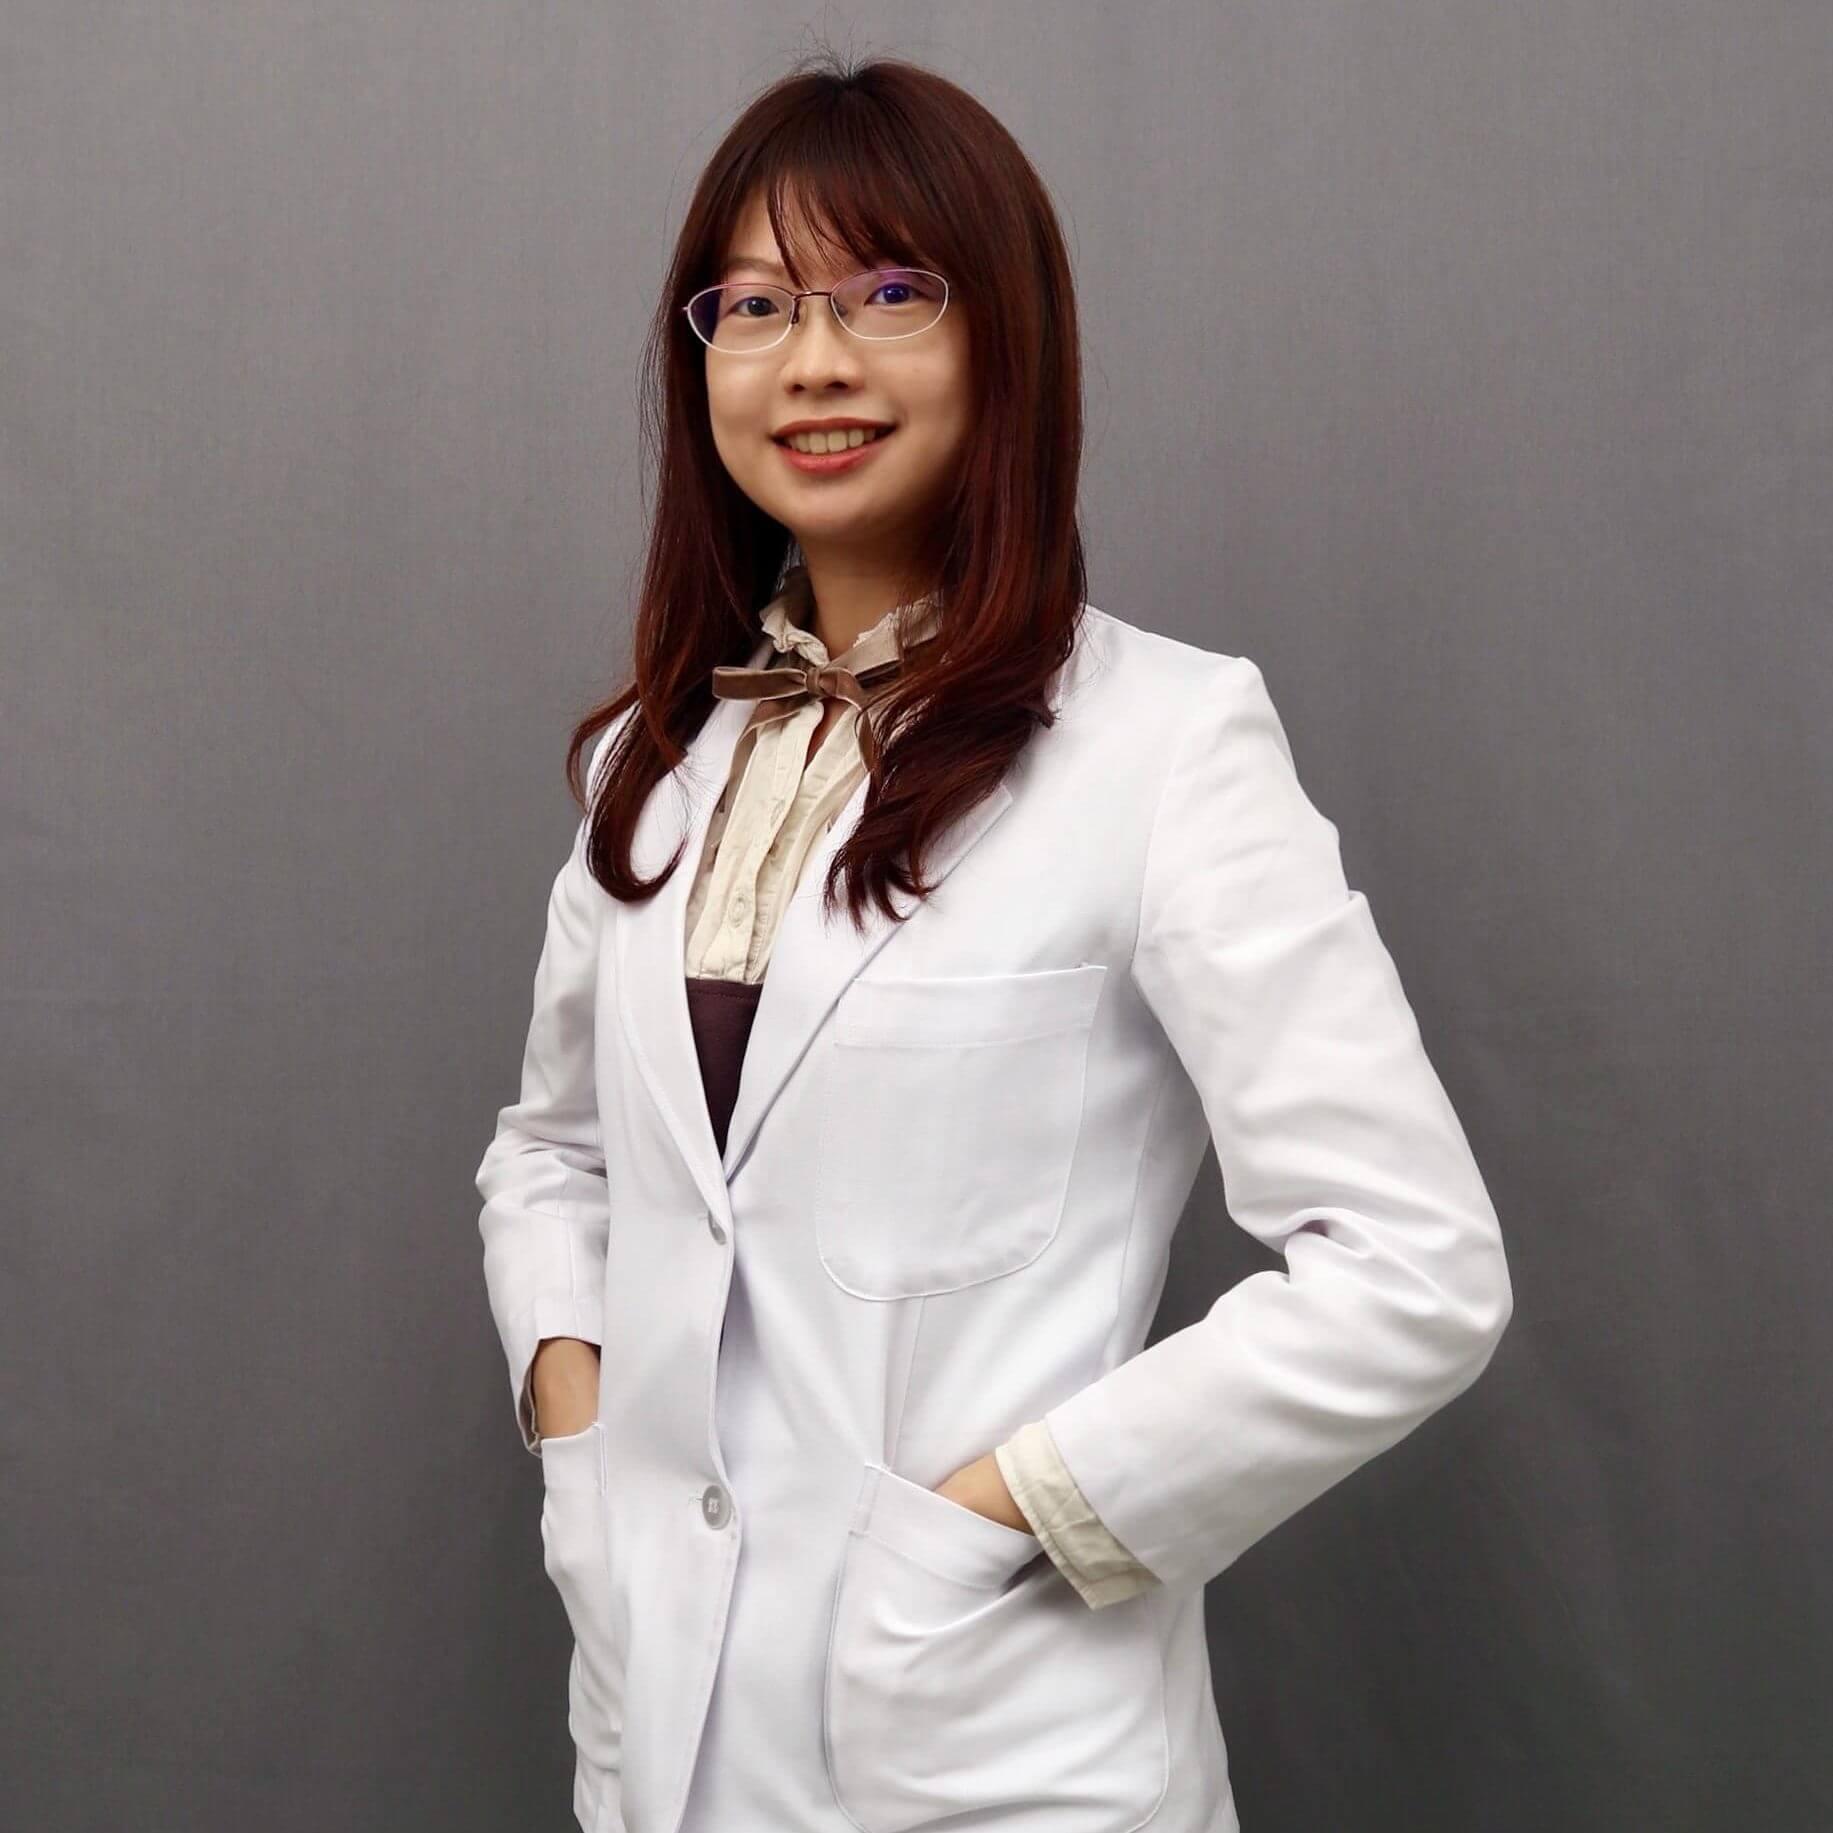 竹北兒童牙醫推薦徐逸竹牙醫師